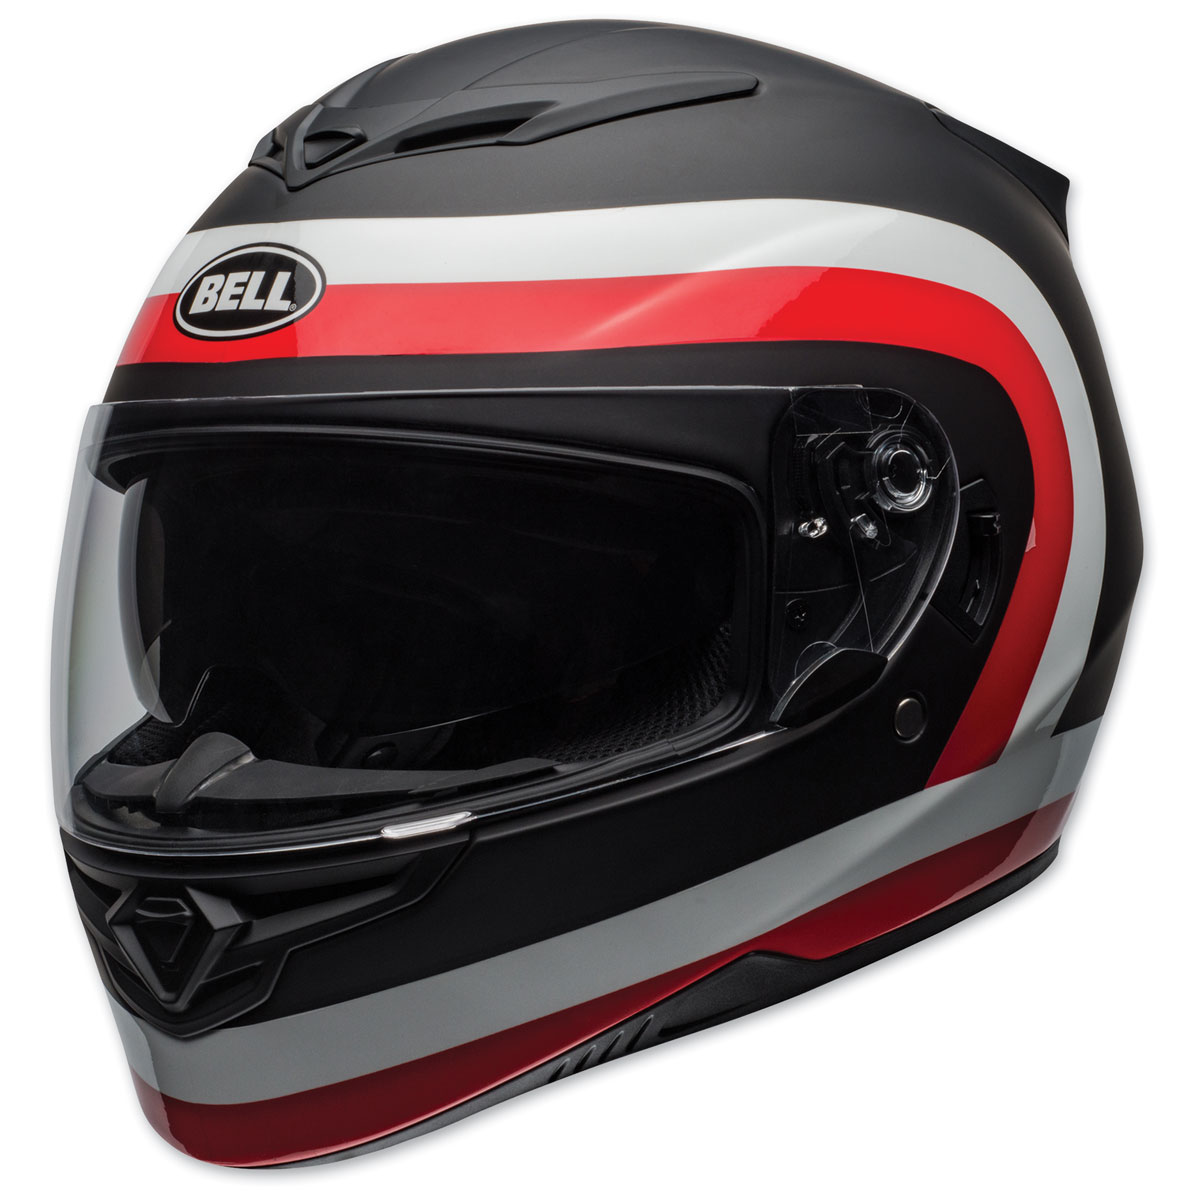 Bell RS-2 Crave Full Face Helmet